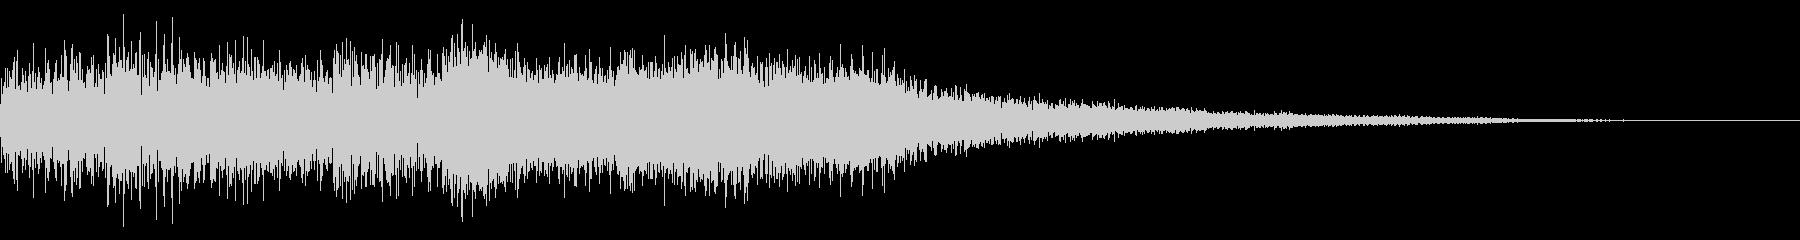 サイバーなゲーム音 ゲームオーバーの未再生の波形